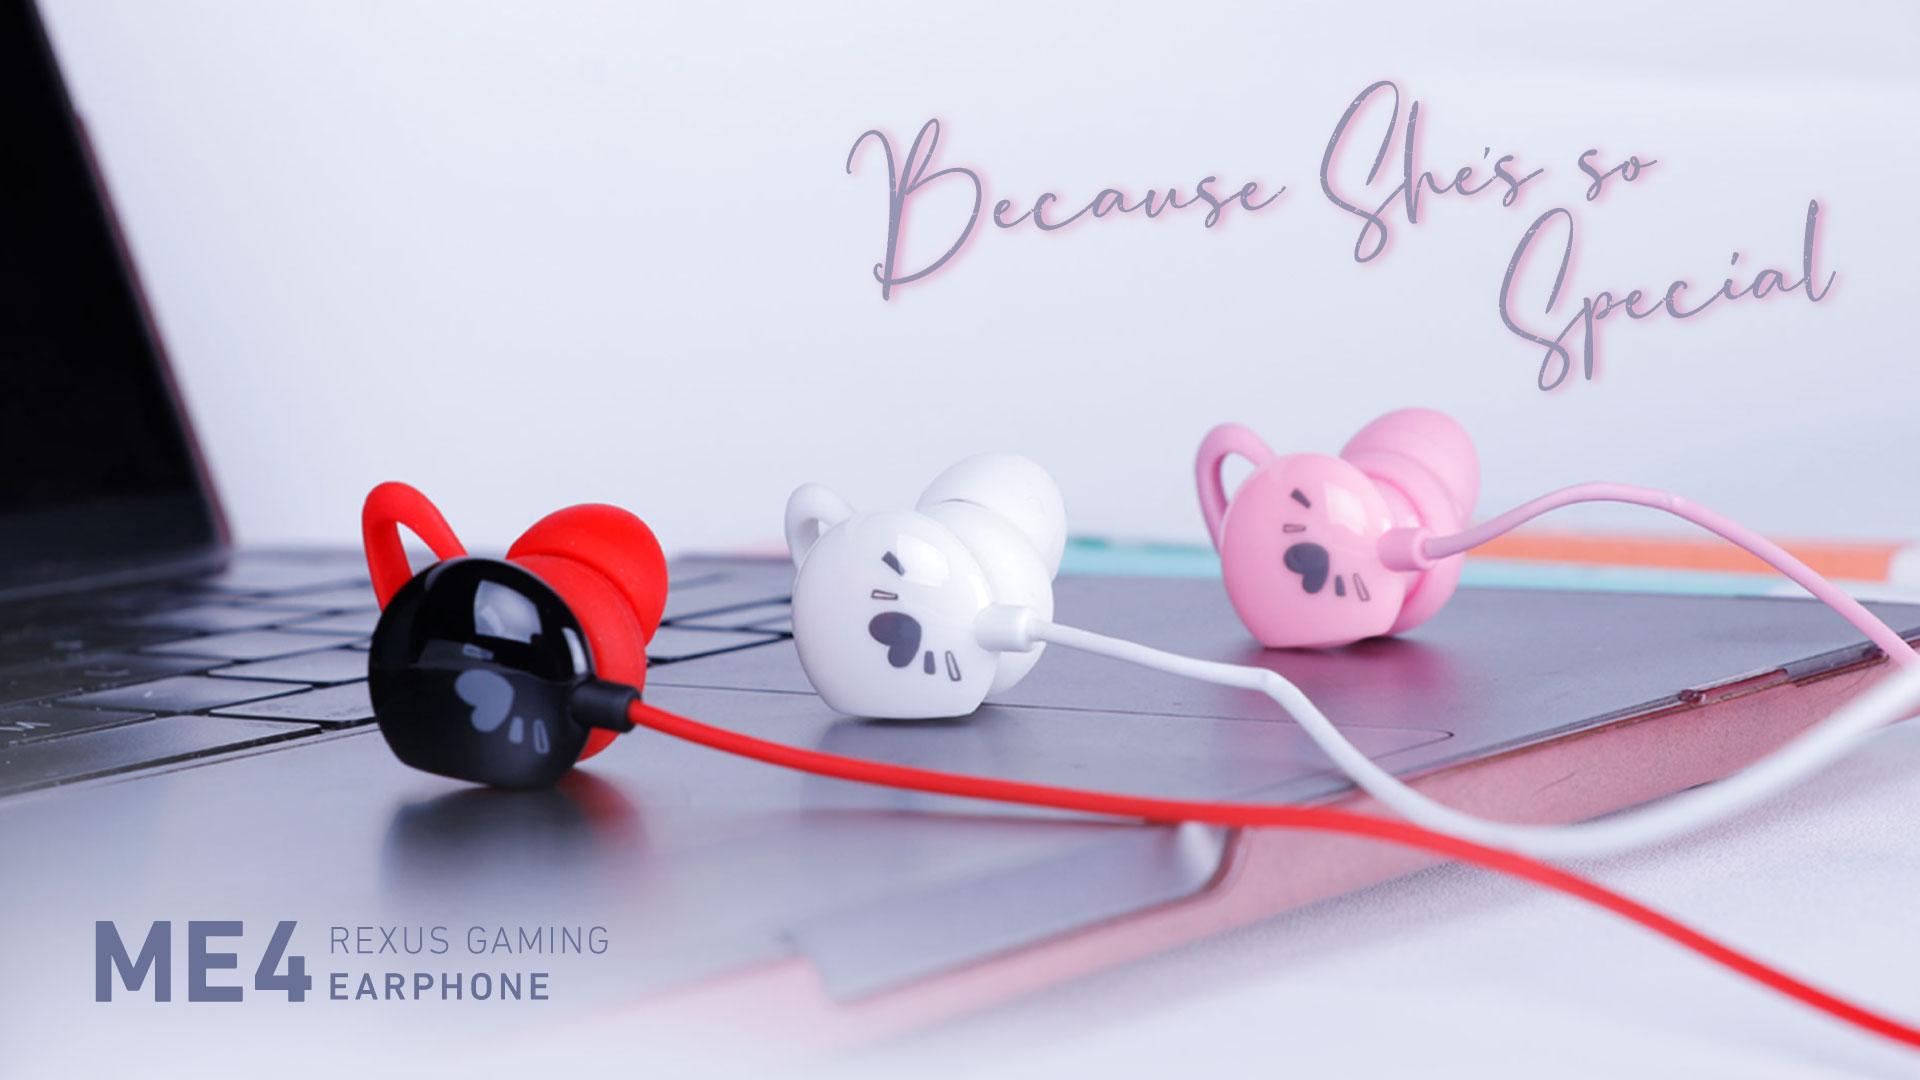 earphone gaming Rexus Vonix ME4 ME4 Banner 1920x1080